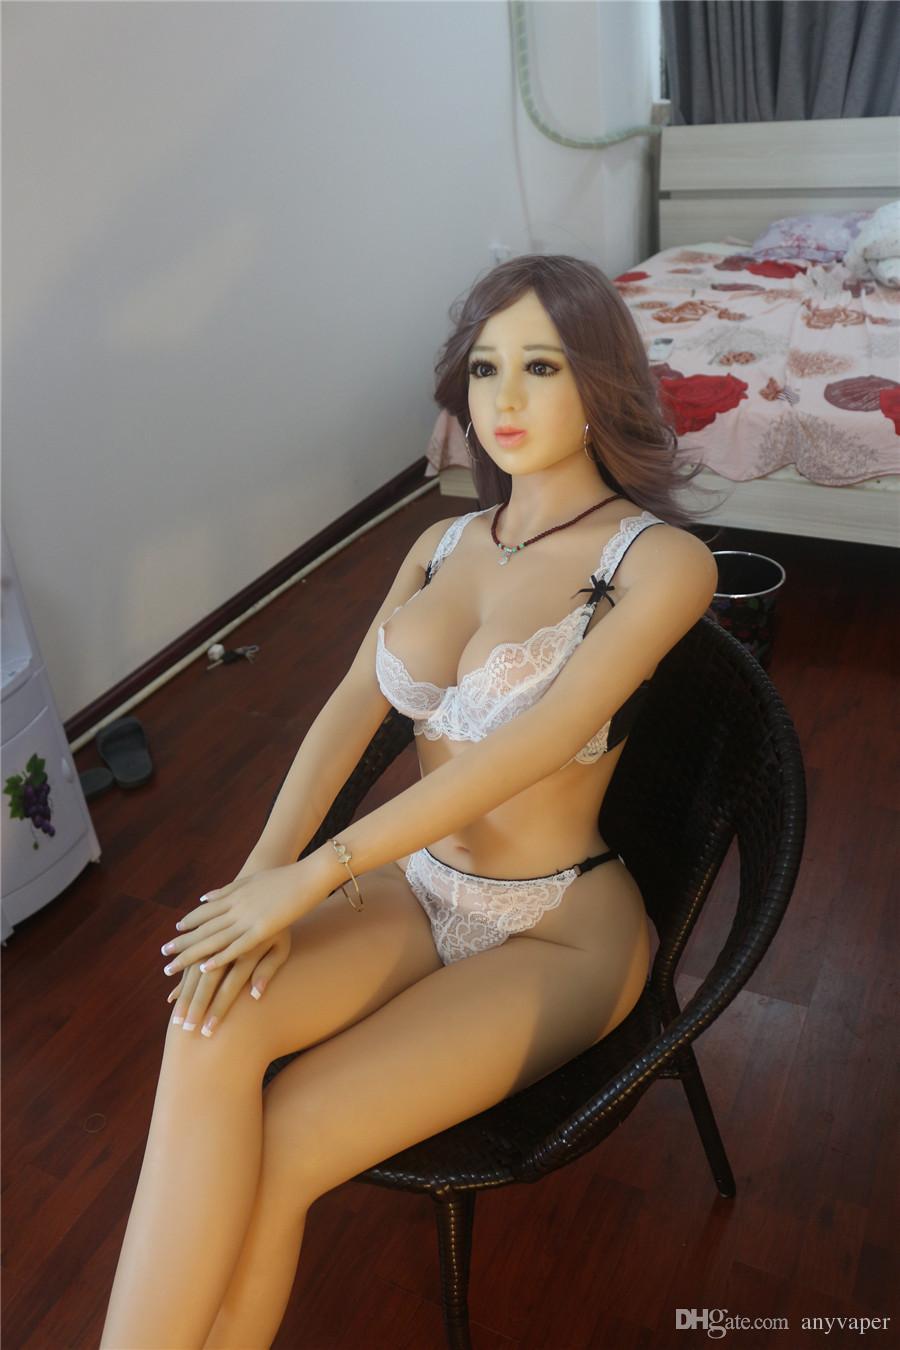 замечательная информация Азиатские ледибой онлайн думаю, что